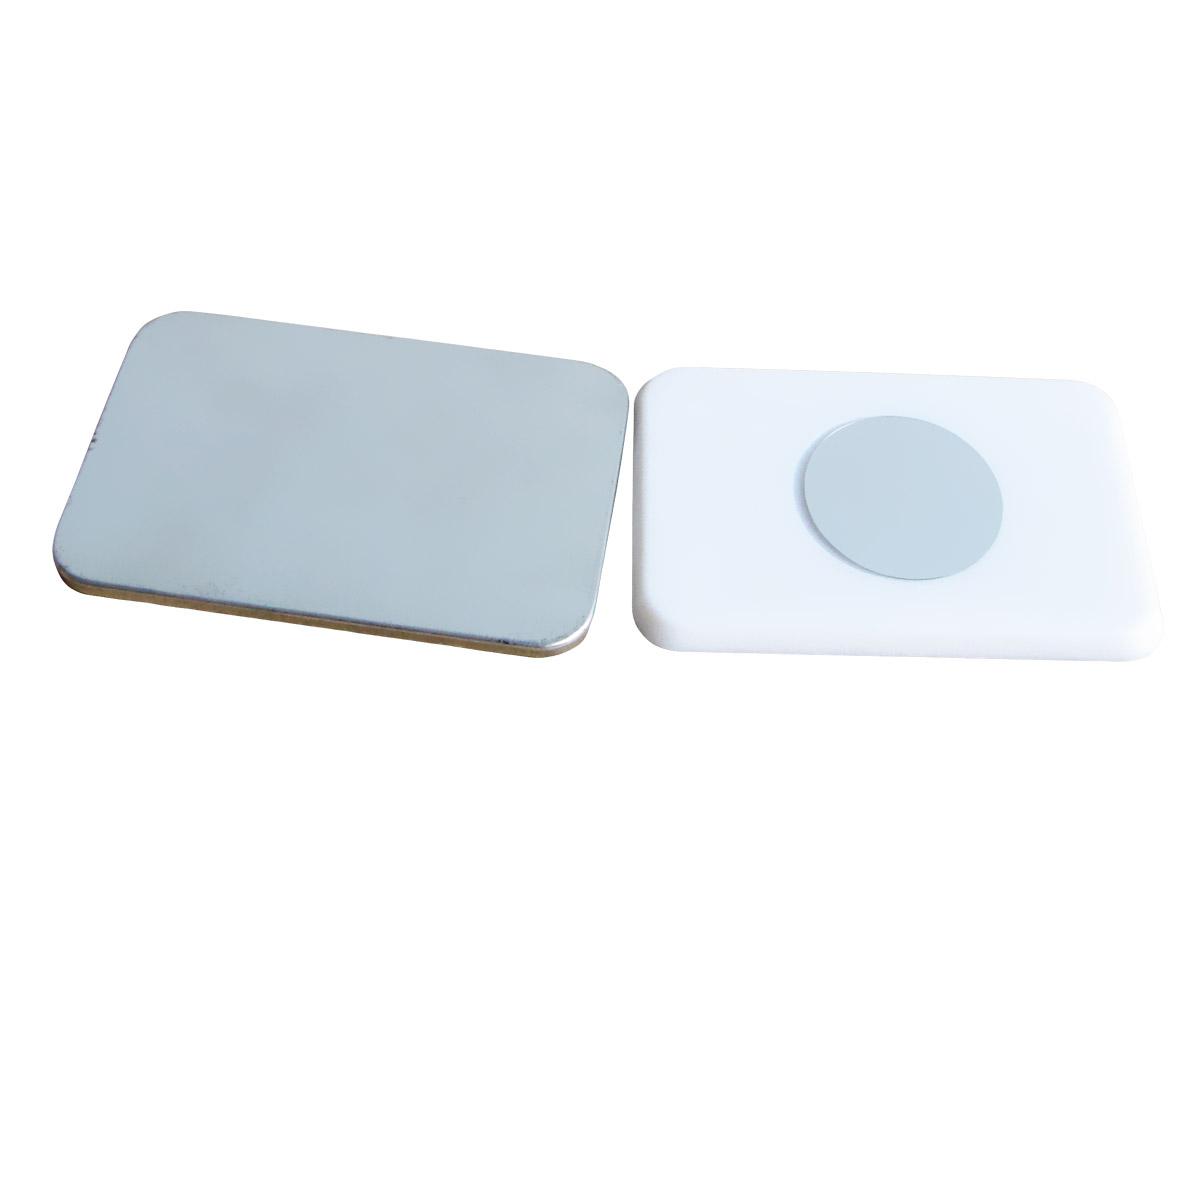 Komponenty prostokątne do przypinek z magnesem neodymowym